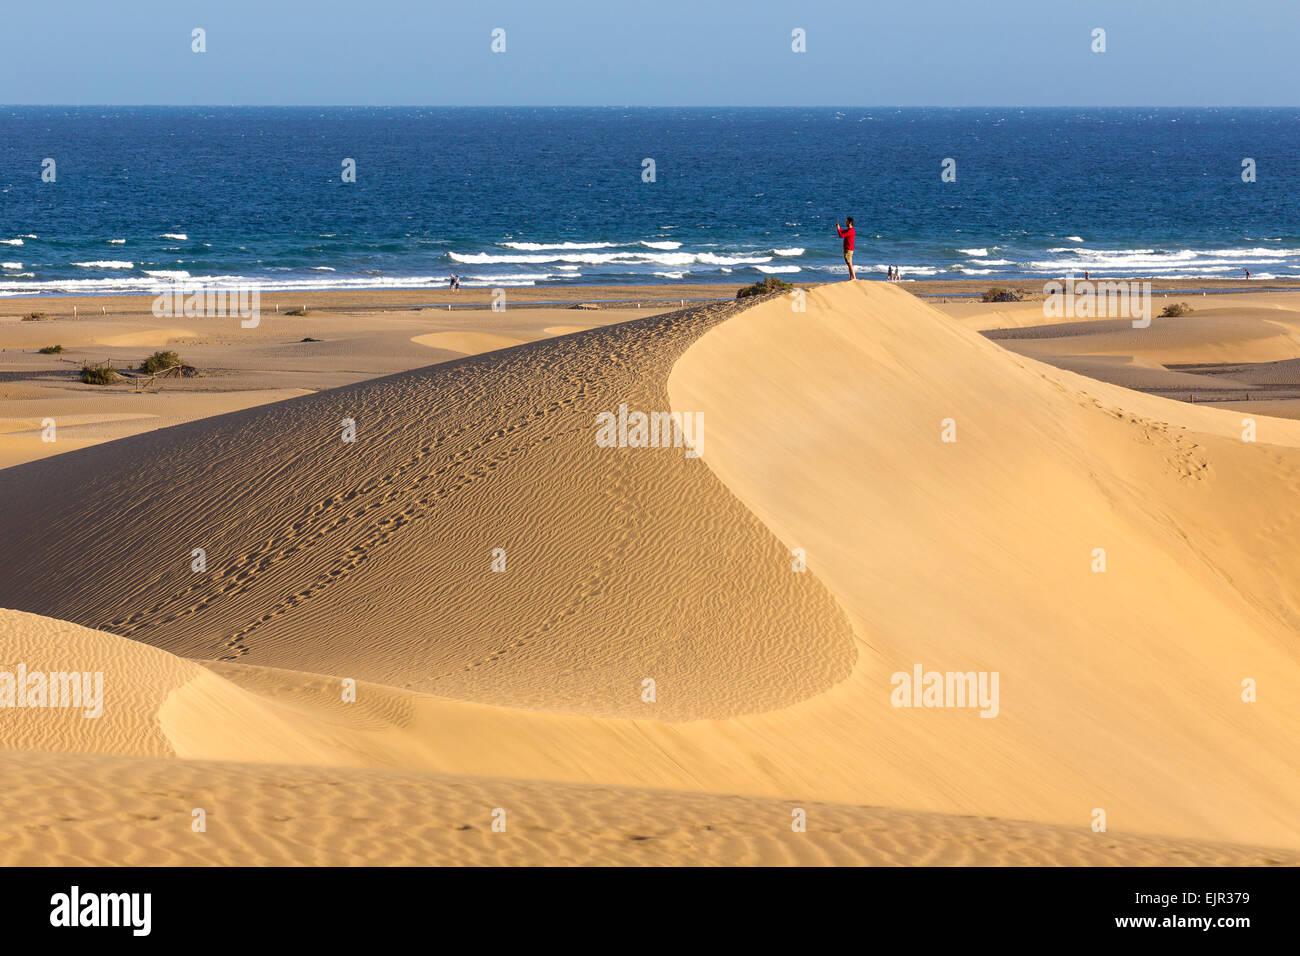 Düne-Strand von Maspalomas, Gran Canaria, Kanarische Inseln, SpanienStockfoto